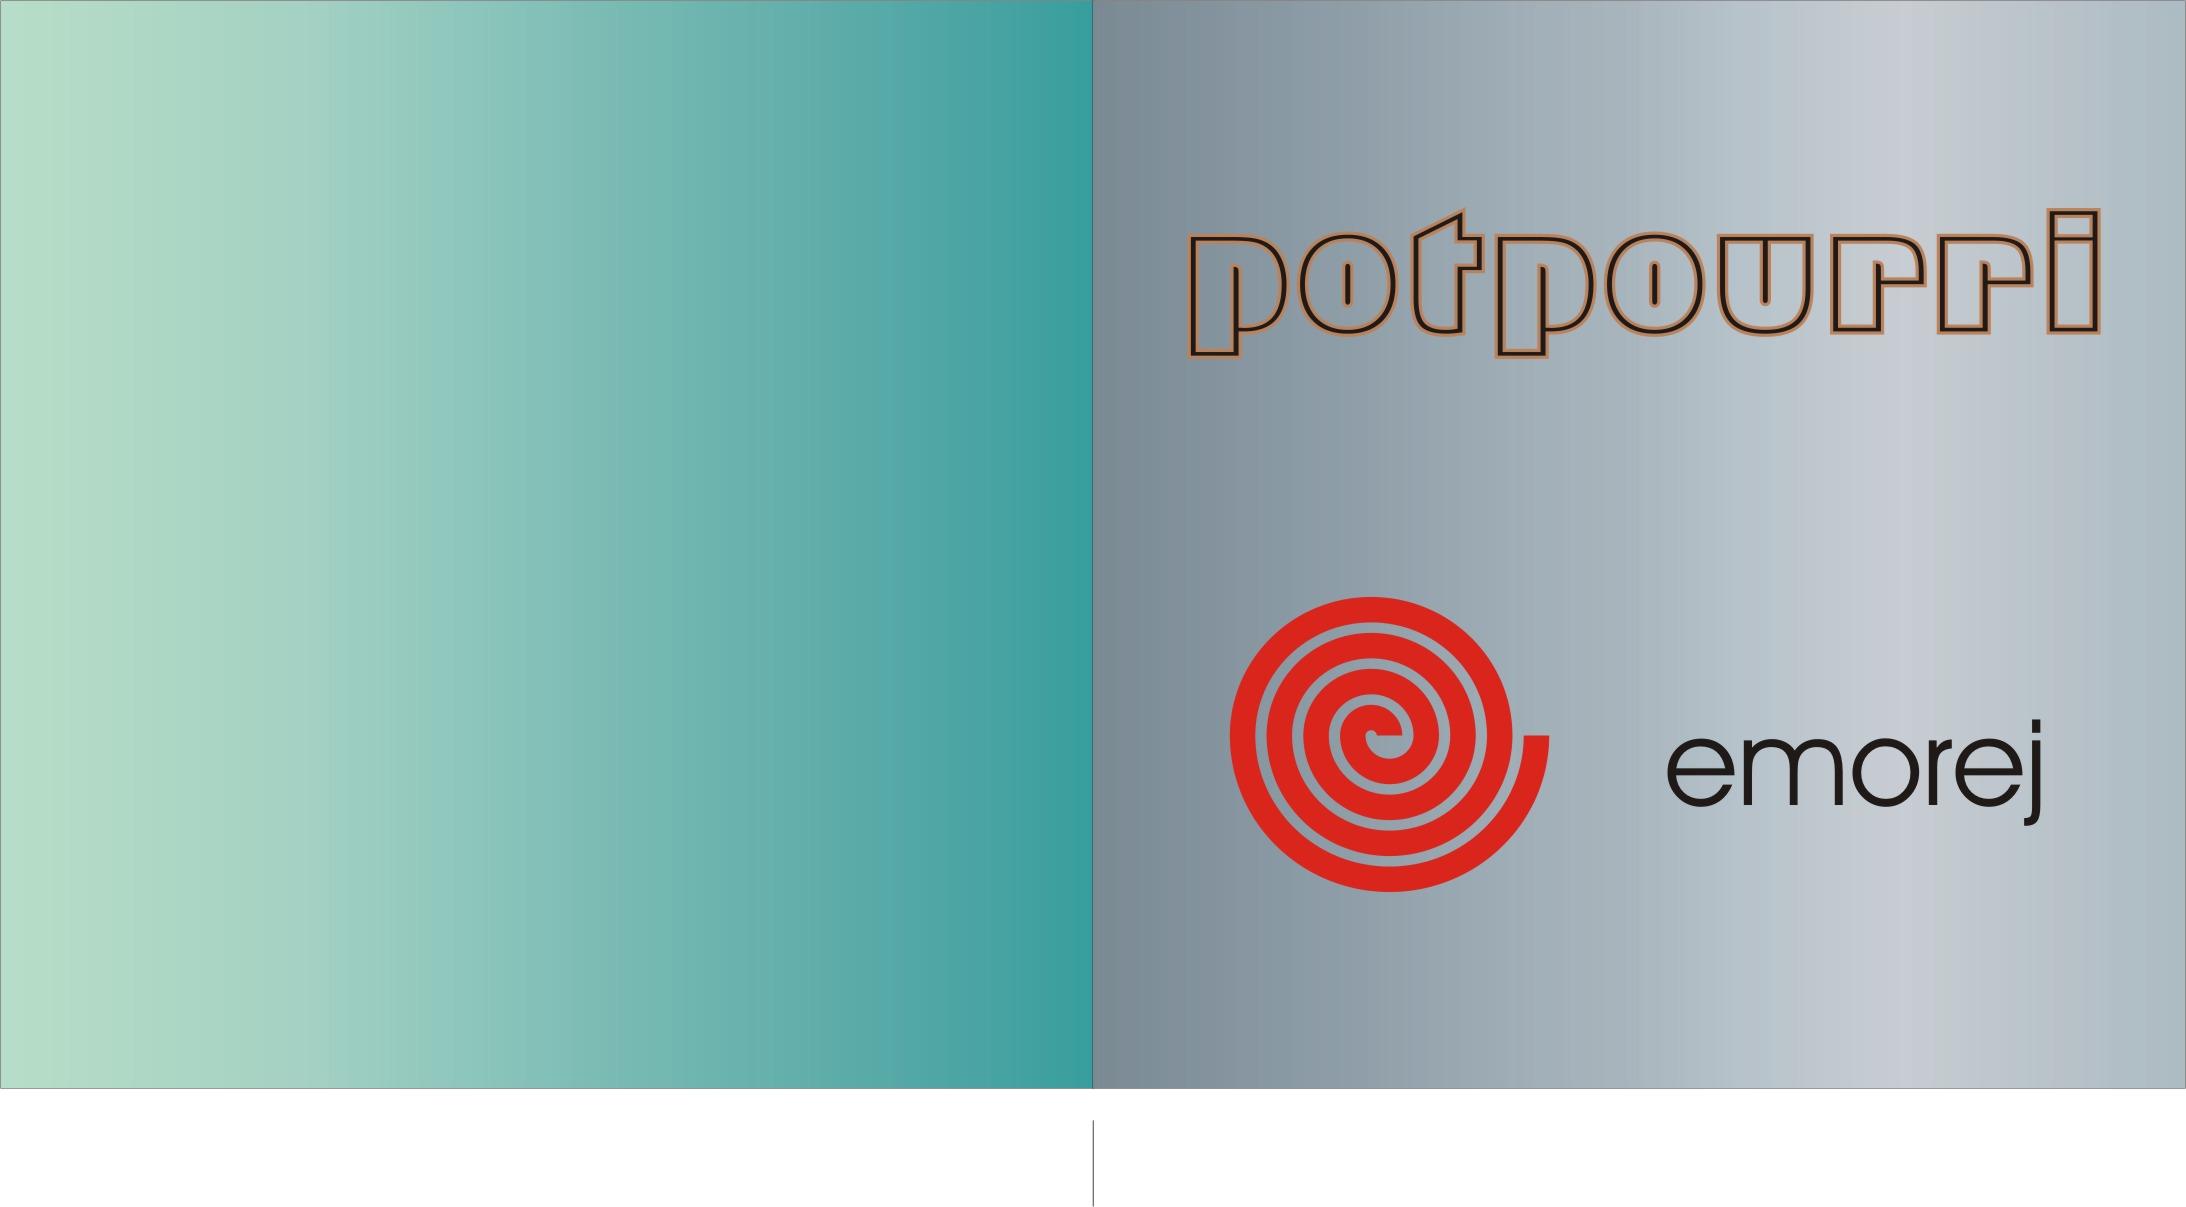 (qd-4223) Emorej - Potpourri